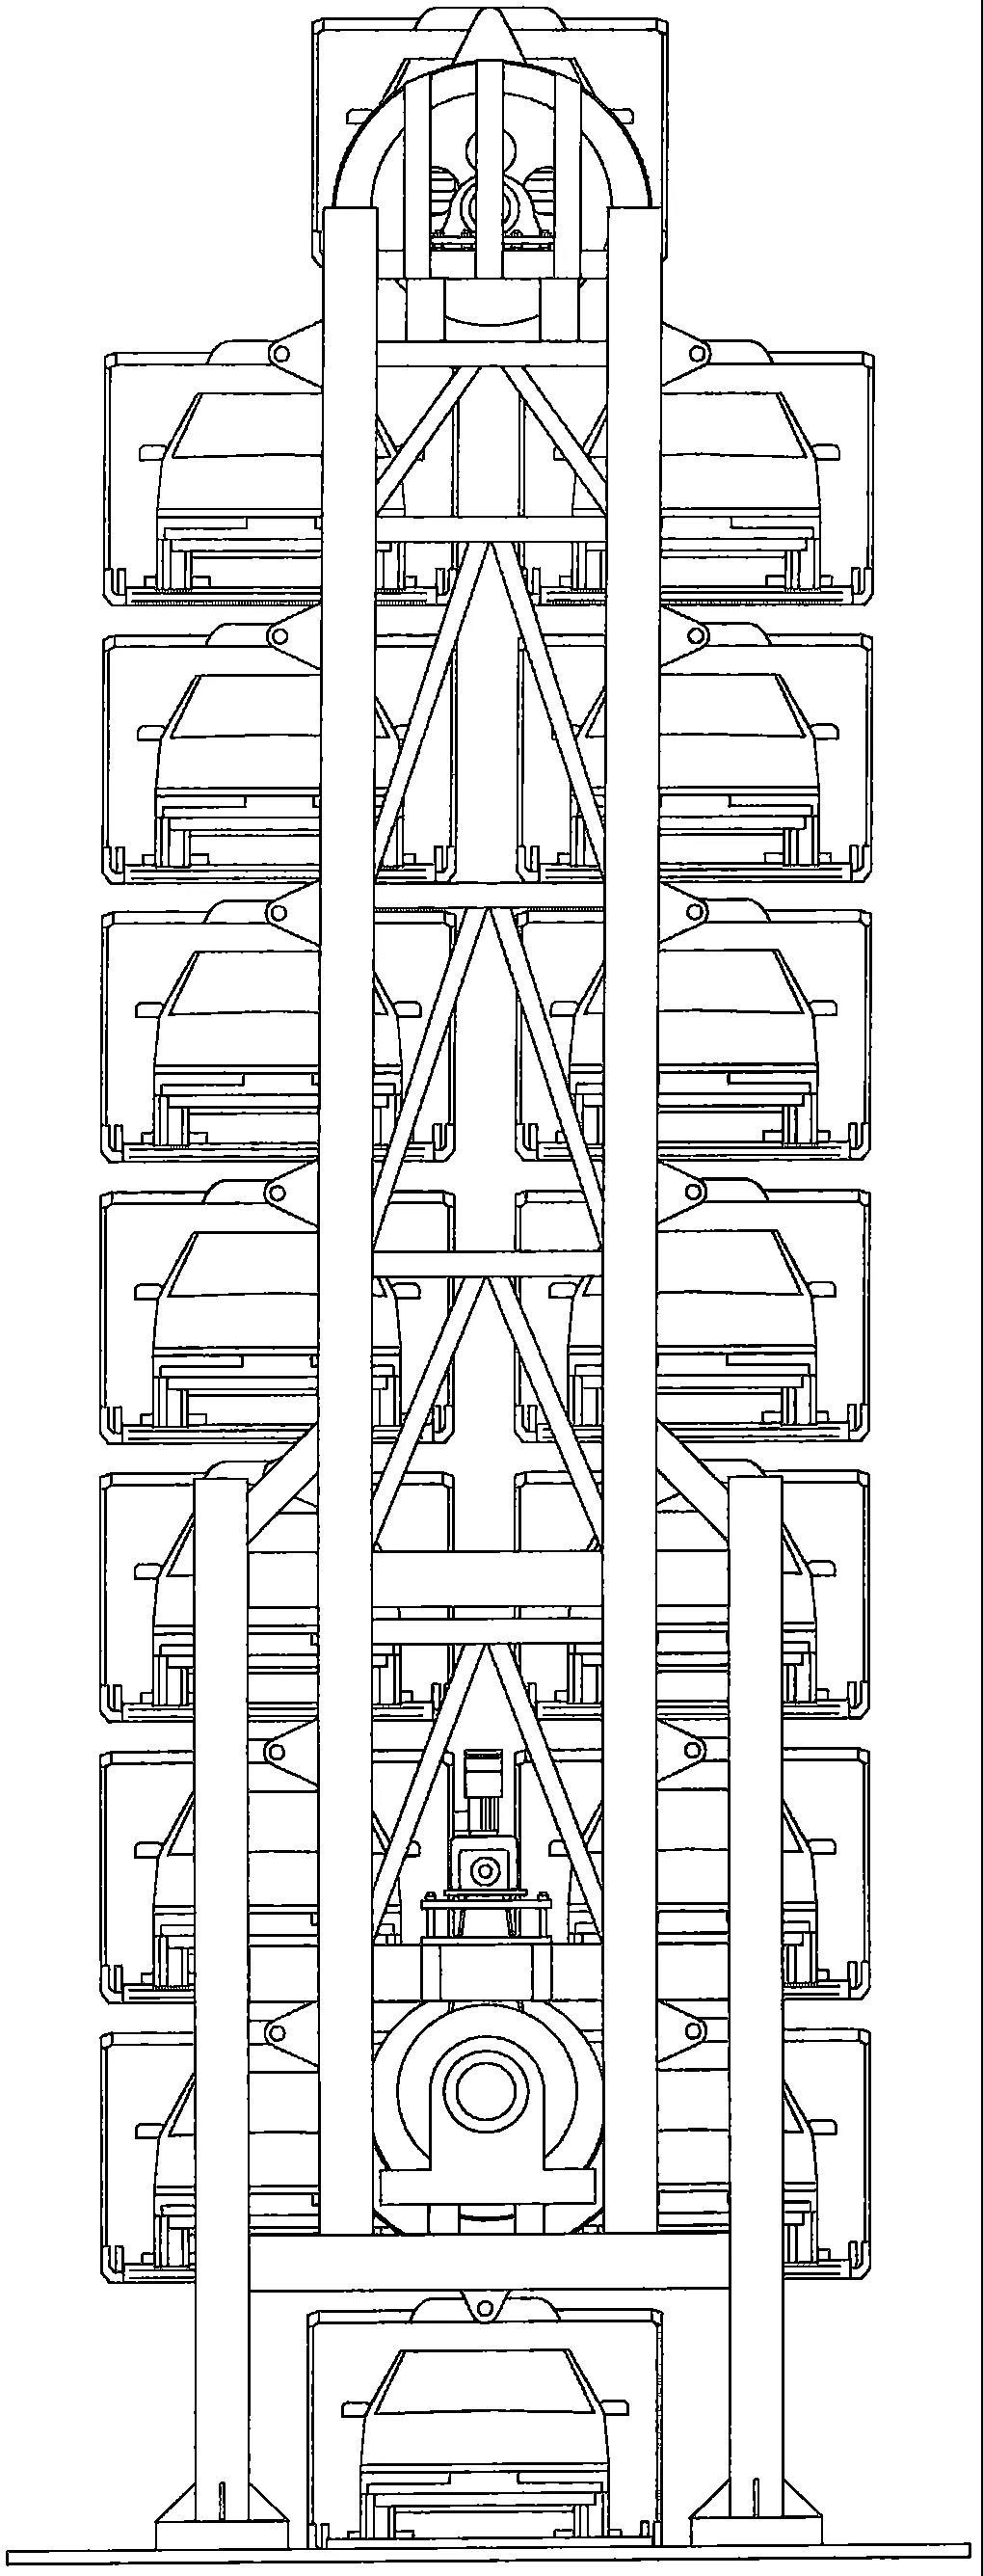 垂直循环立体车库具有哪些设计特色呢?以及立体车库安装步骤